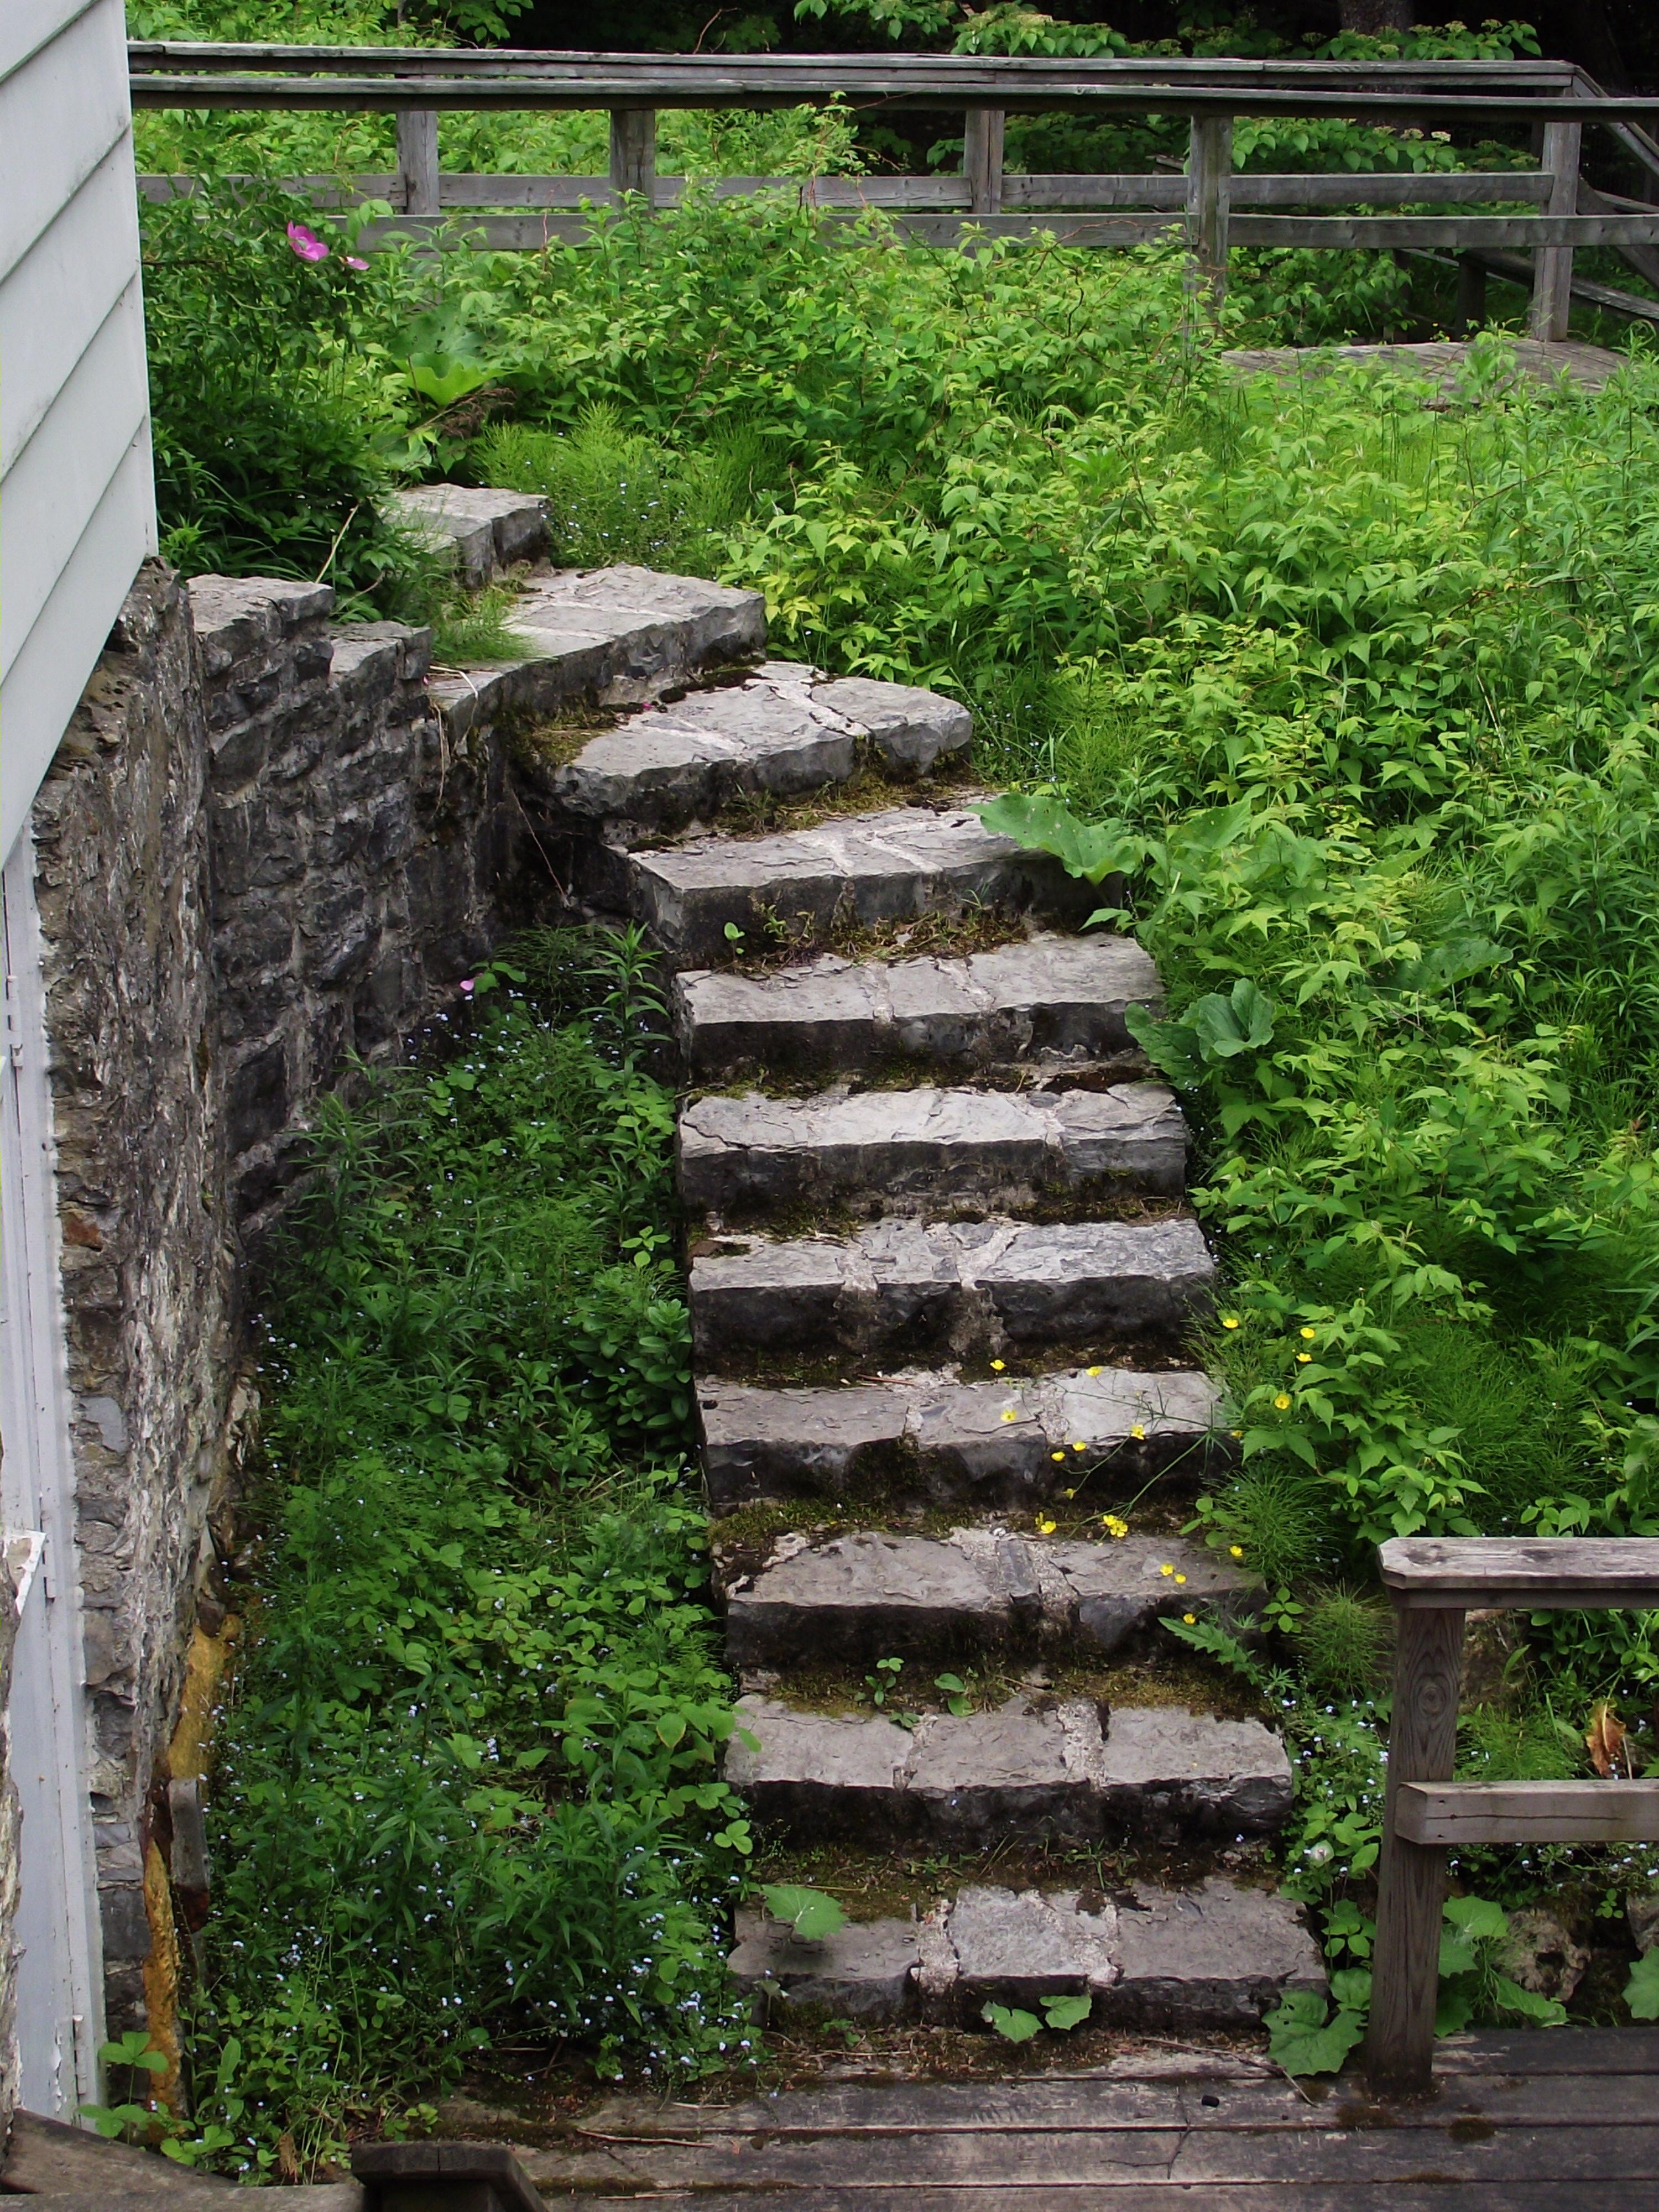 Escalier Dans La Maison file:ancien escalier de la maison déry - pont-rouge